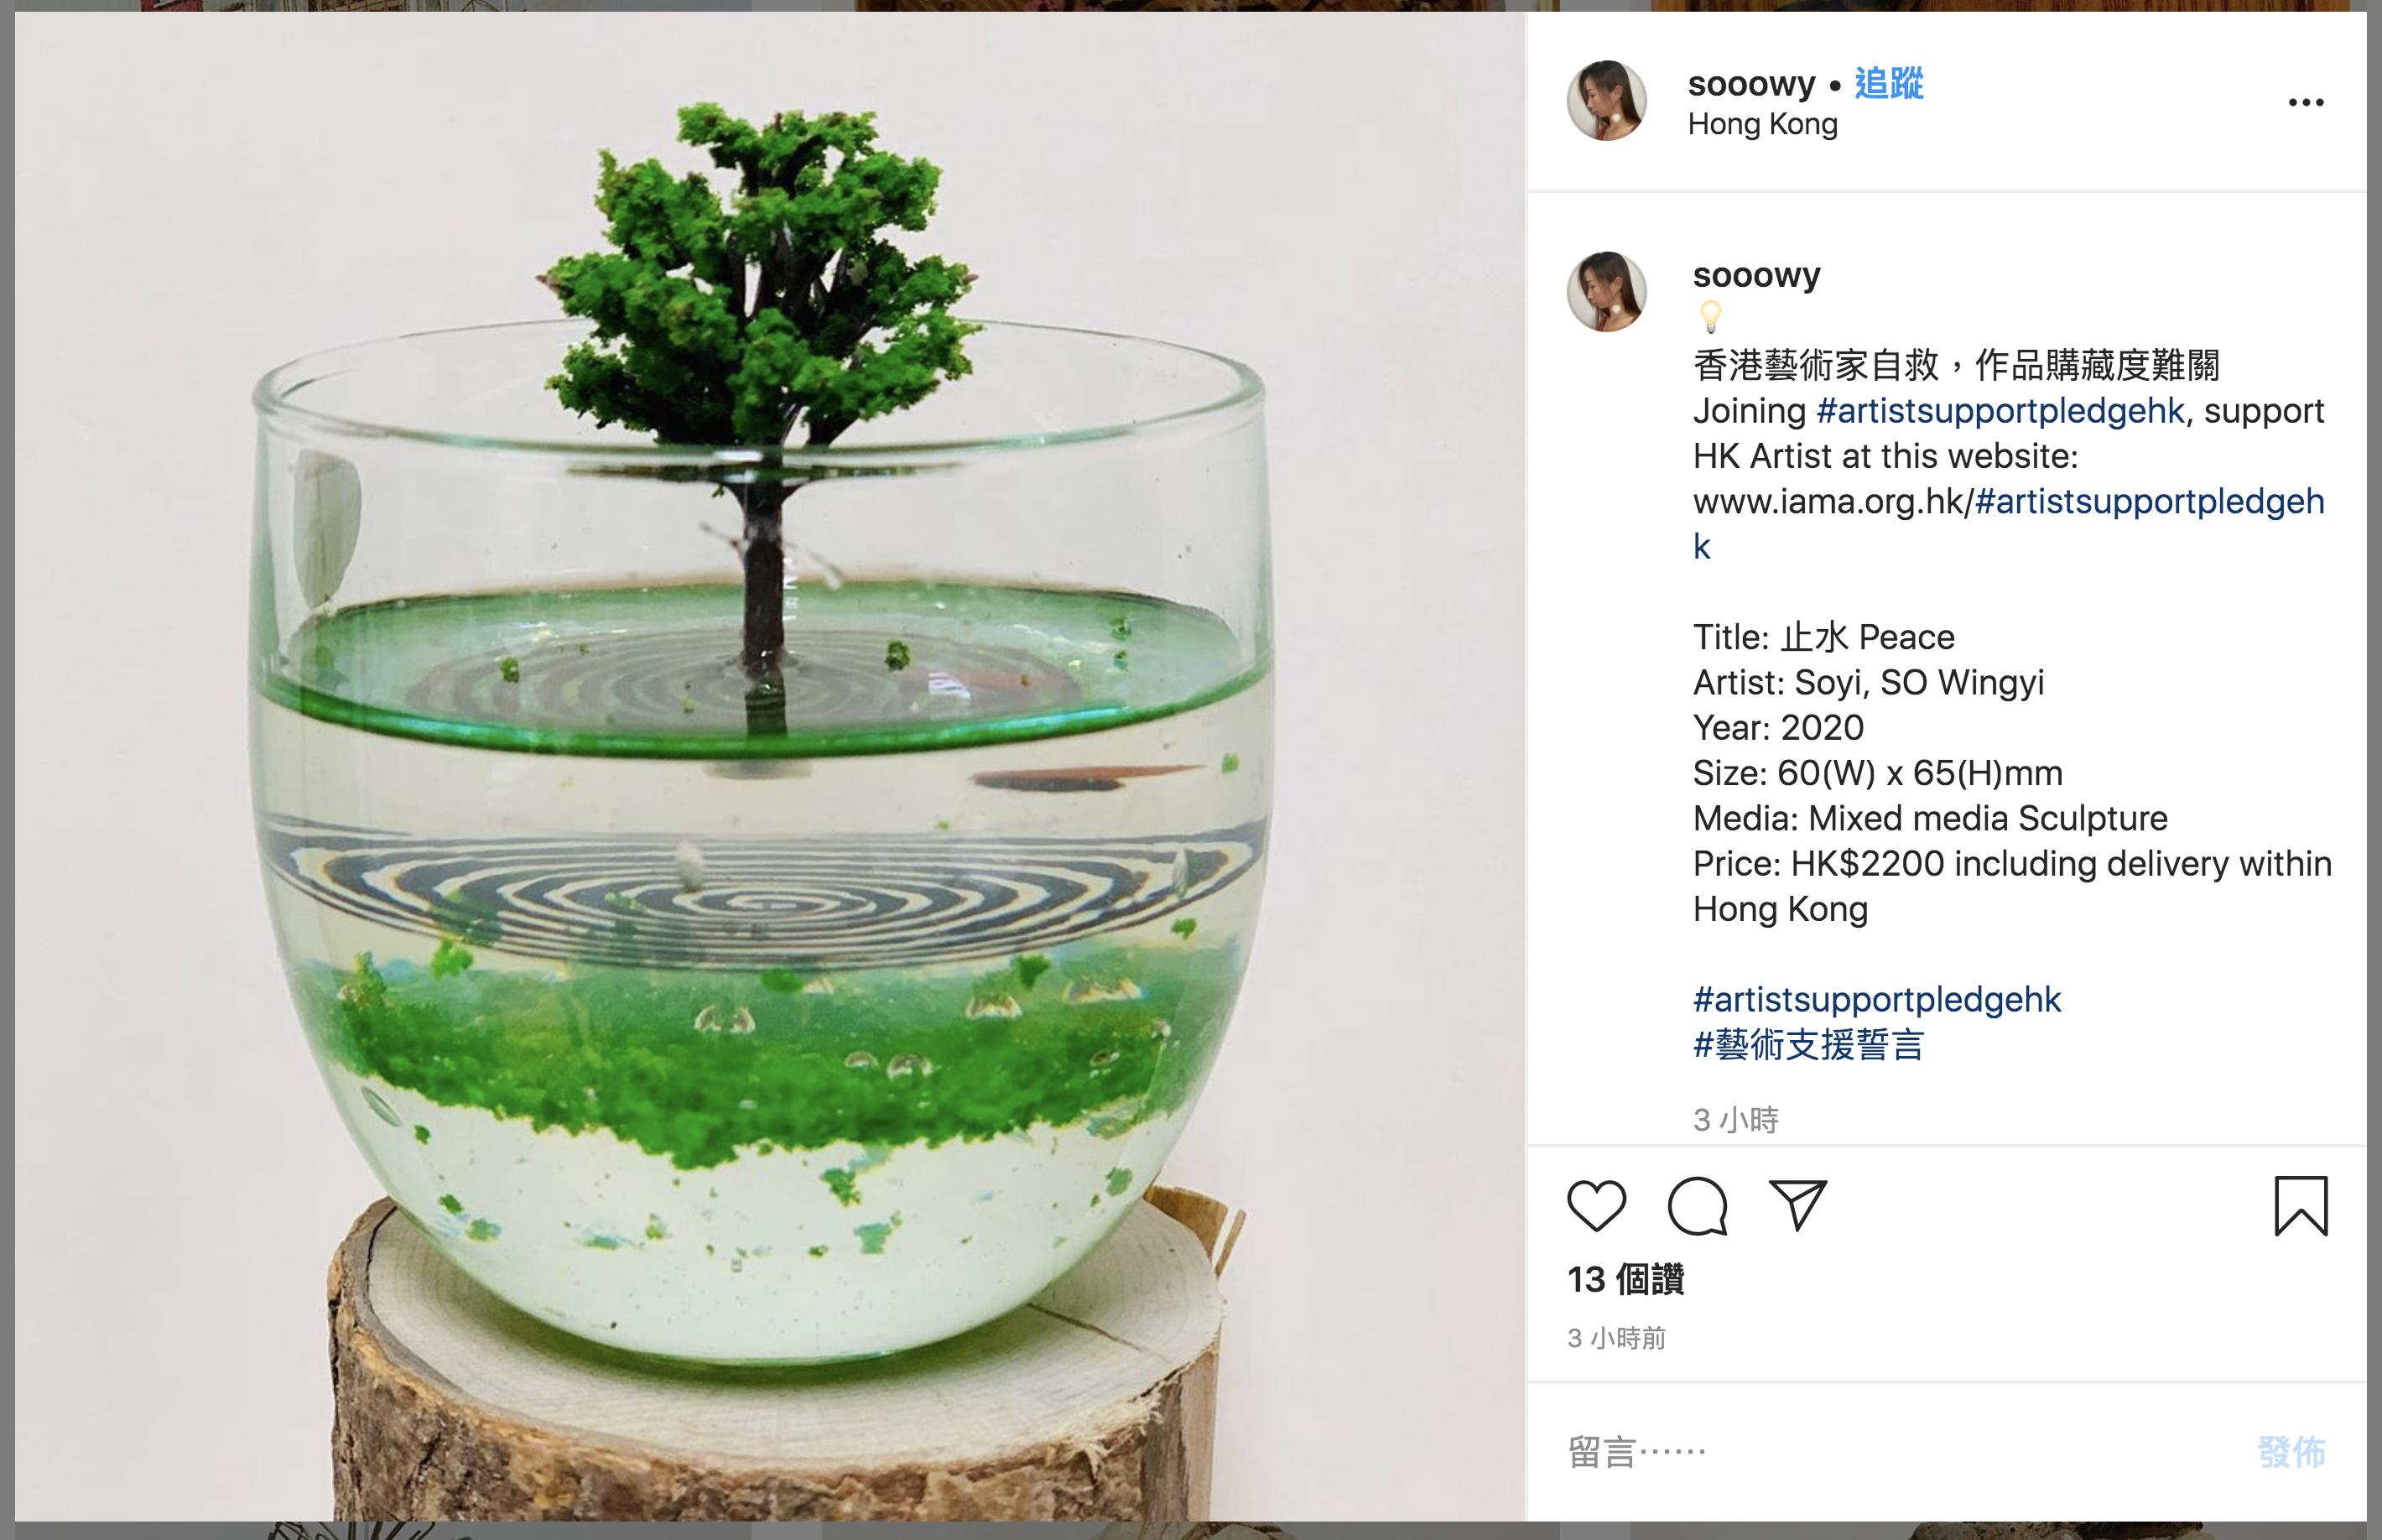 本地藝術家Soyi透過雕塑作品寄語,希望經歷多災多難的香港人早日「心如止水」。